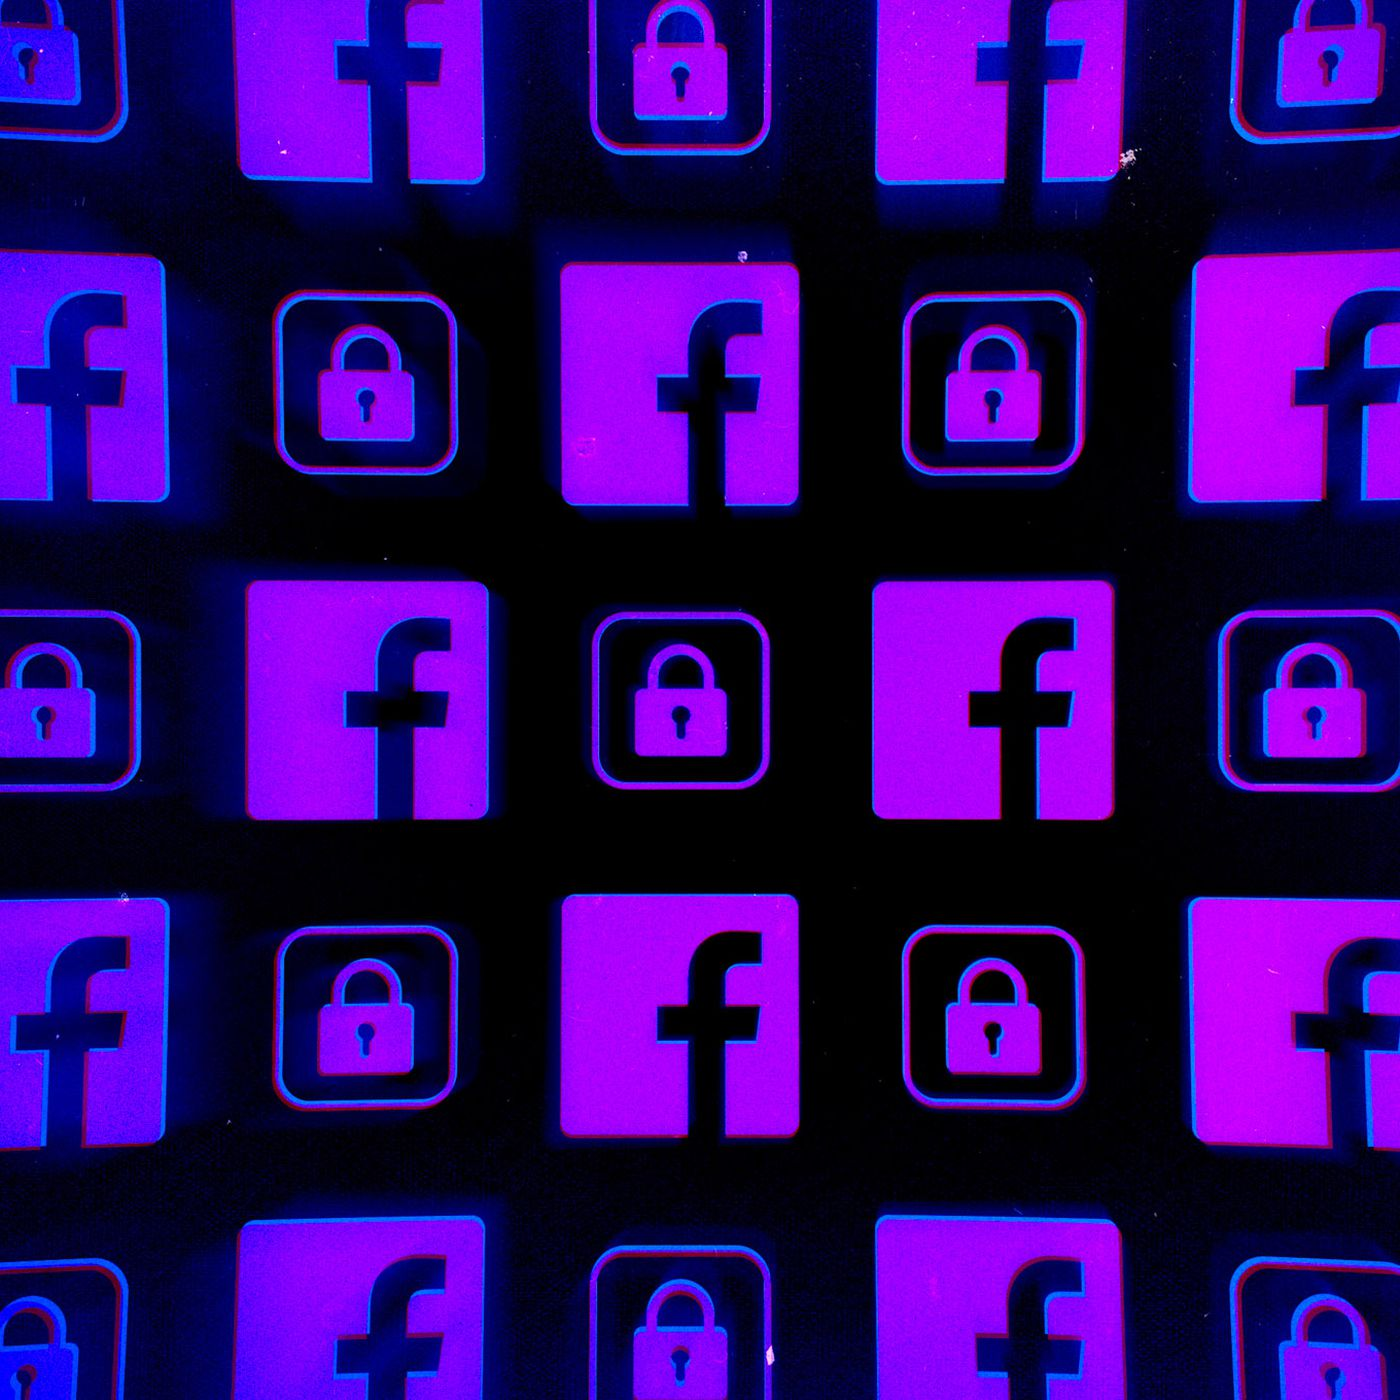 267 млн профилей Facebook выставлены на продажу в даркнете за $620